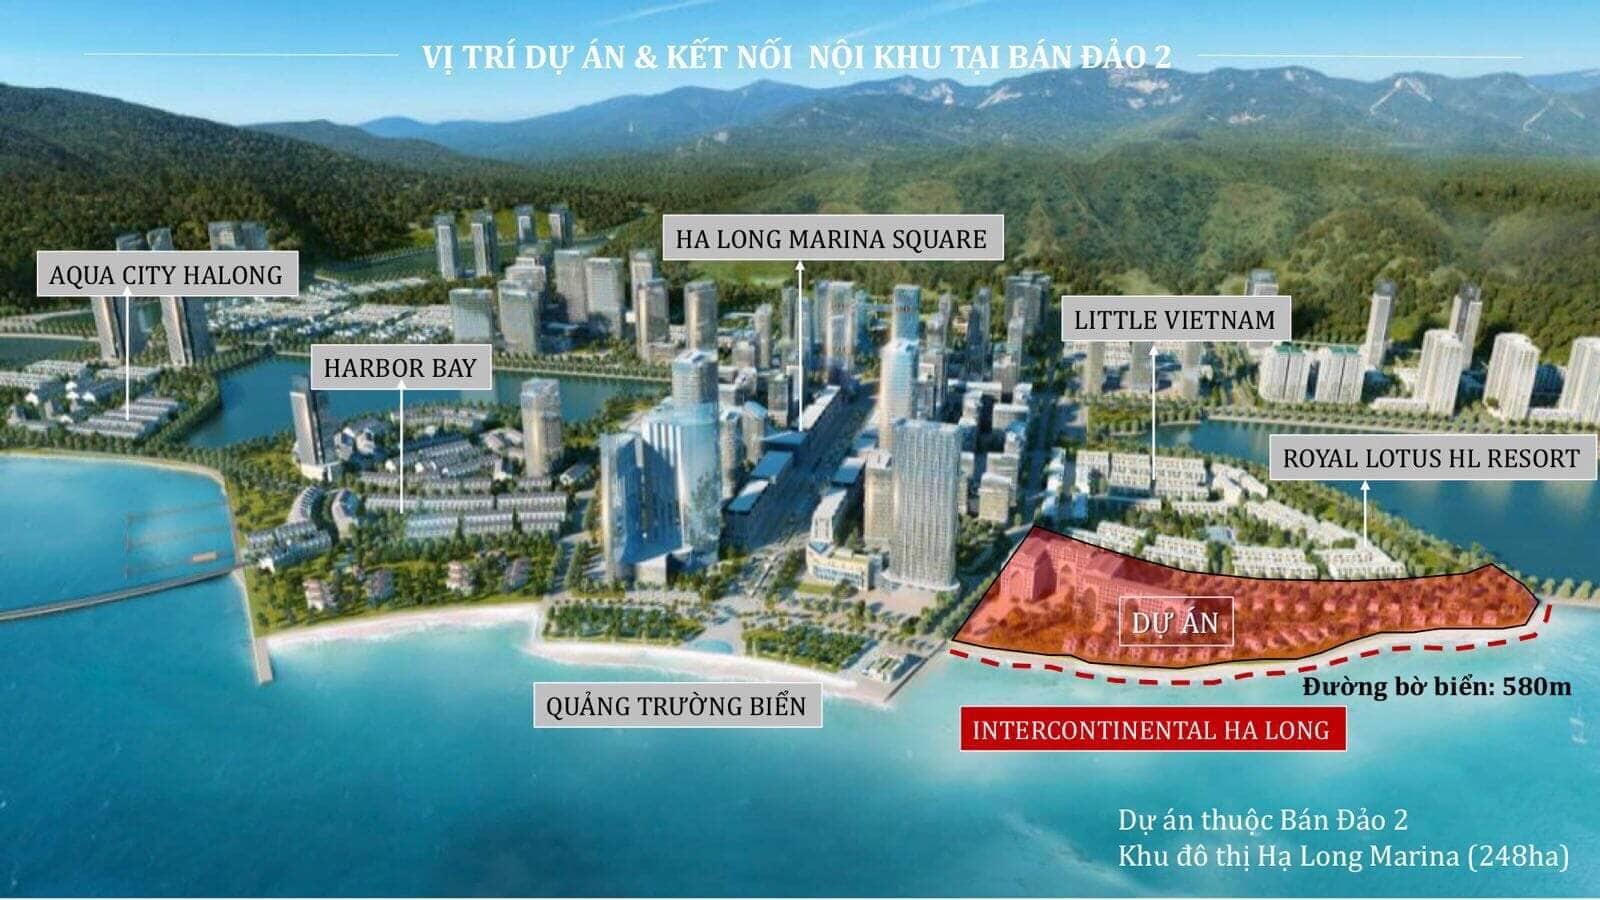 Dự án An Bình Homeland Hà Đông Căn hộ thông minh tiện nghi bất ngờ